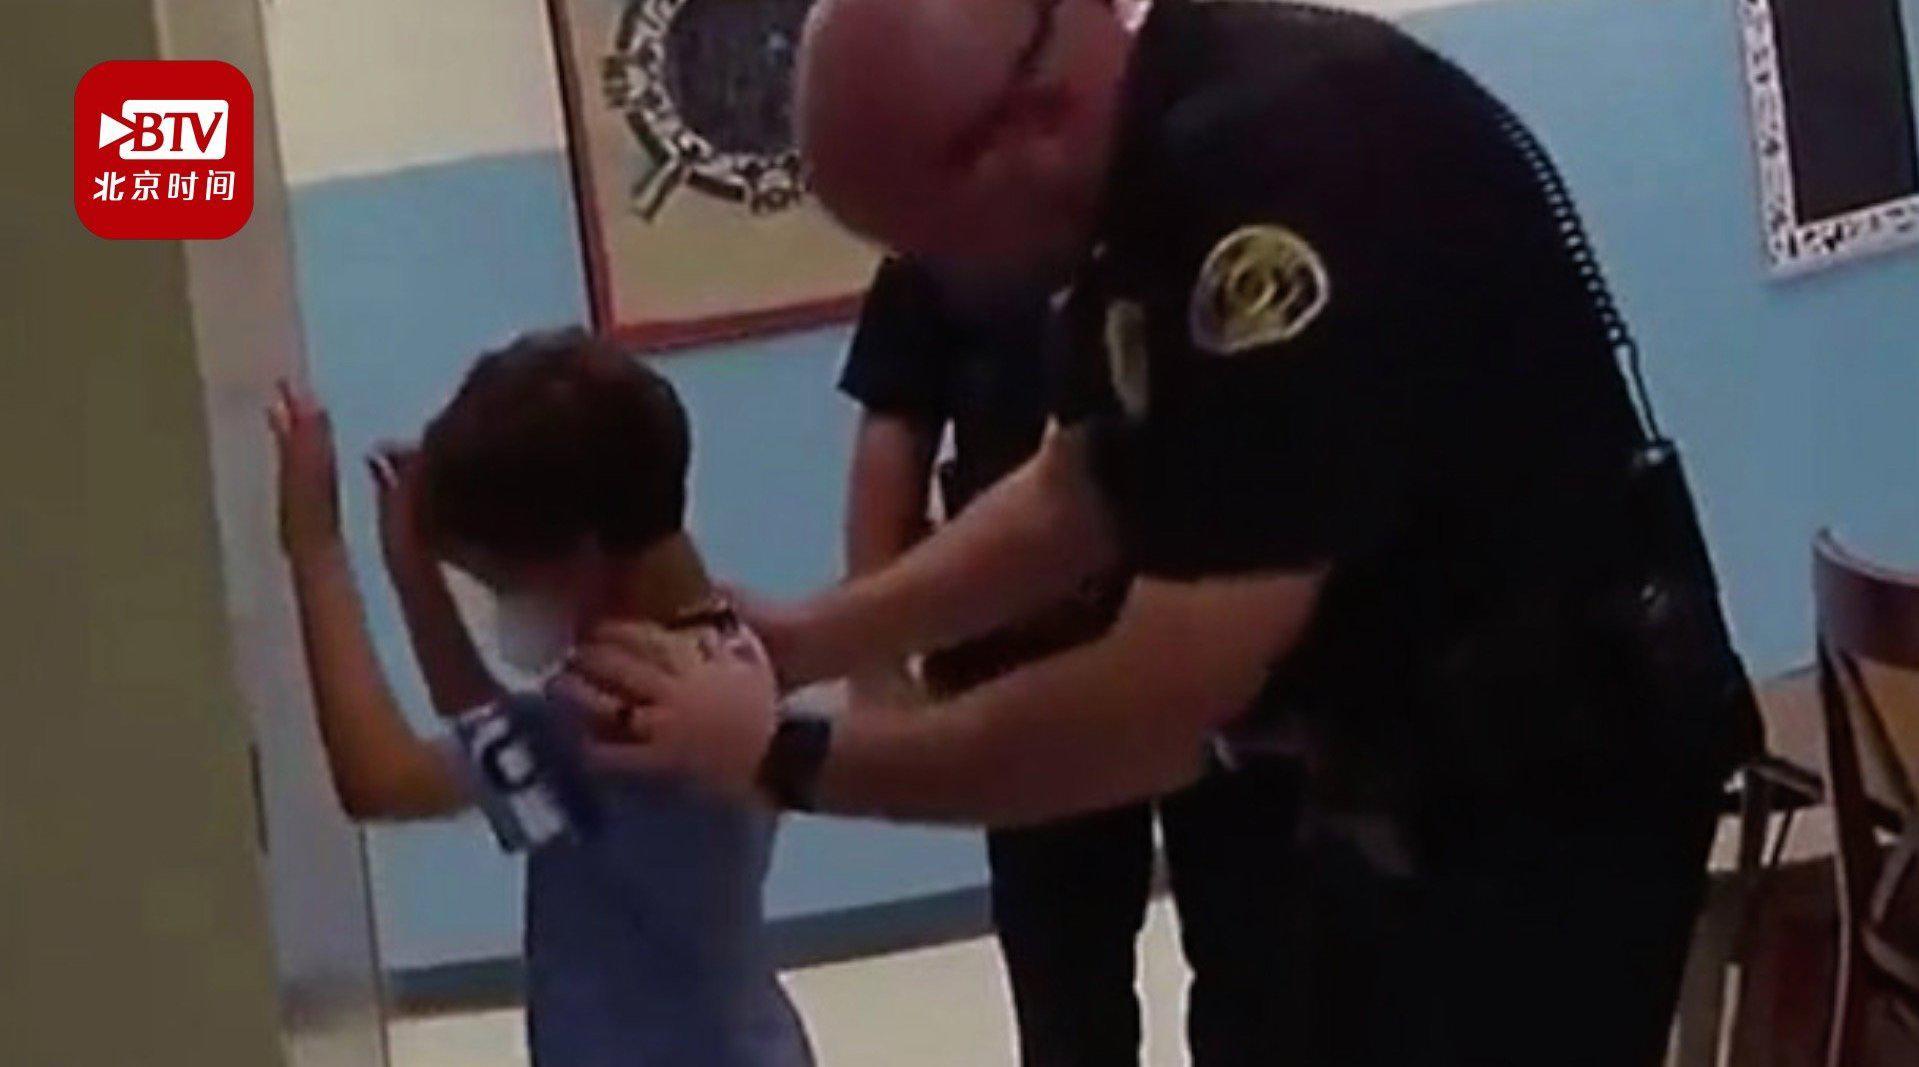 """你怎么看?美国8岁男孩打老师被警察戴手铐 并因""""殴打重罪""""被捕"""